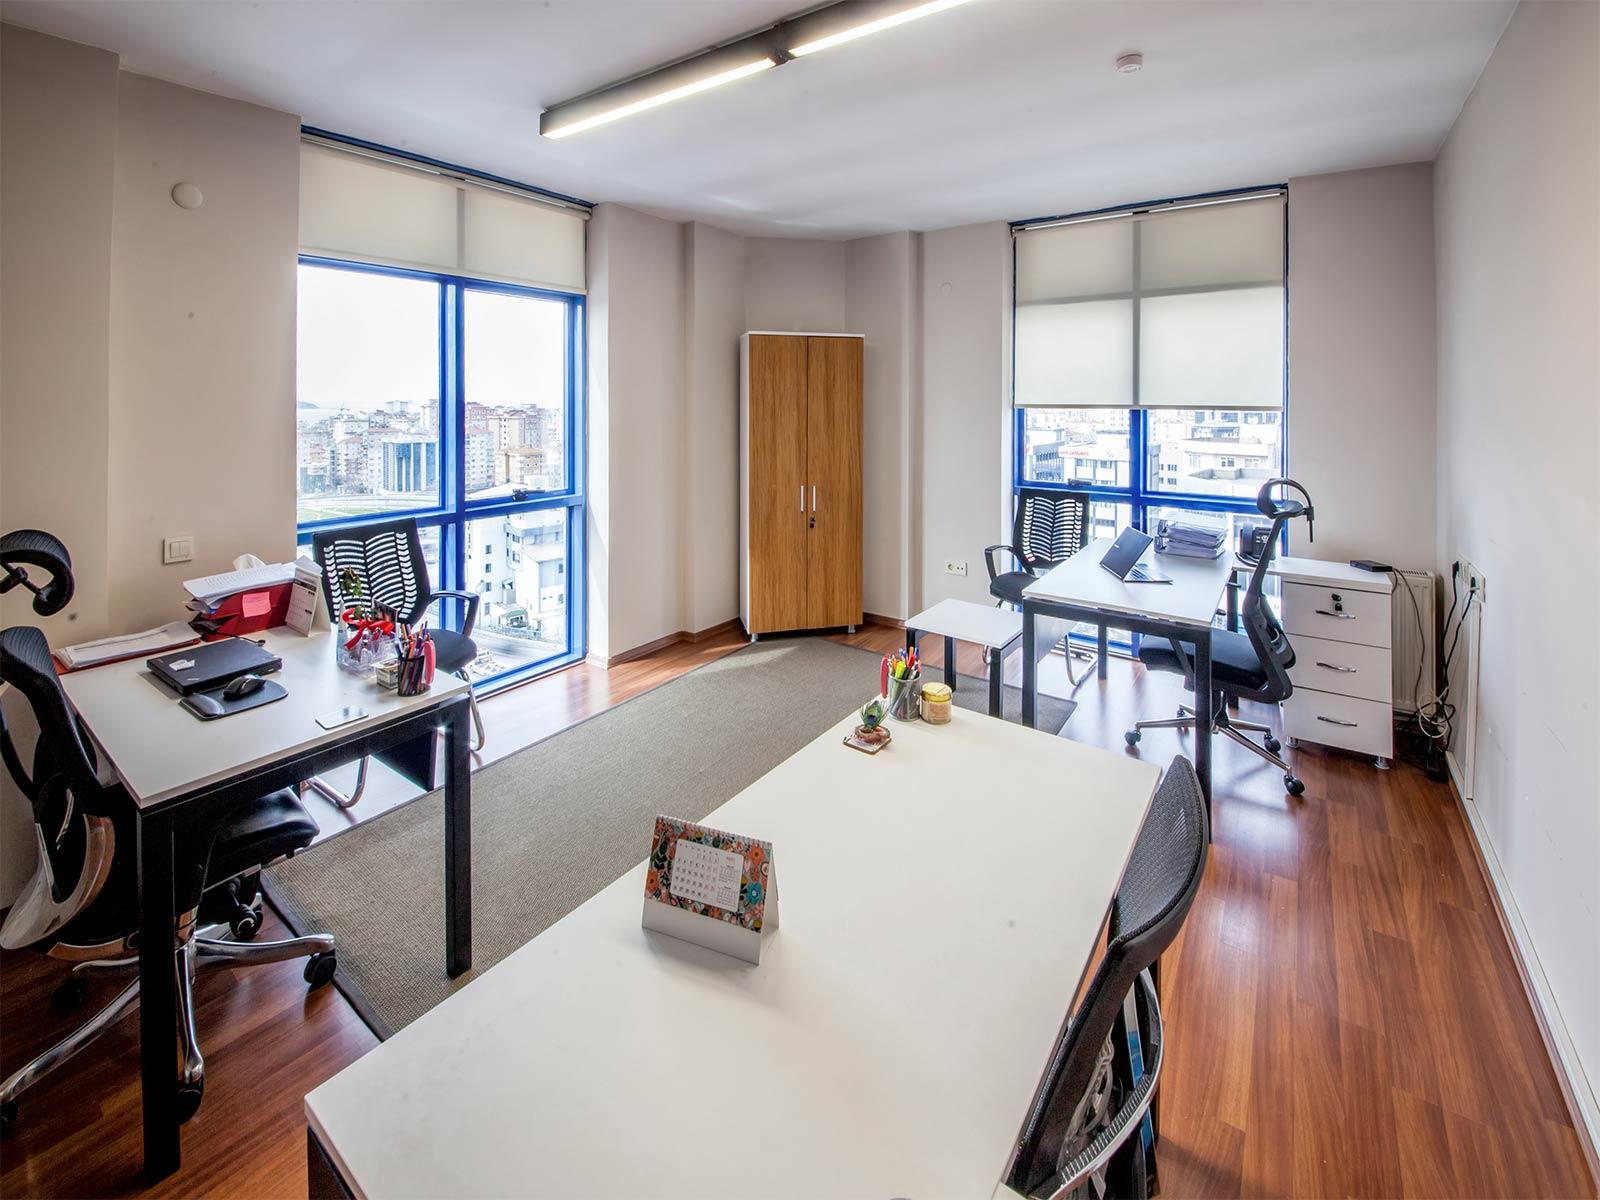 Yeni Kurulan Şirketlere Özel Ofis